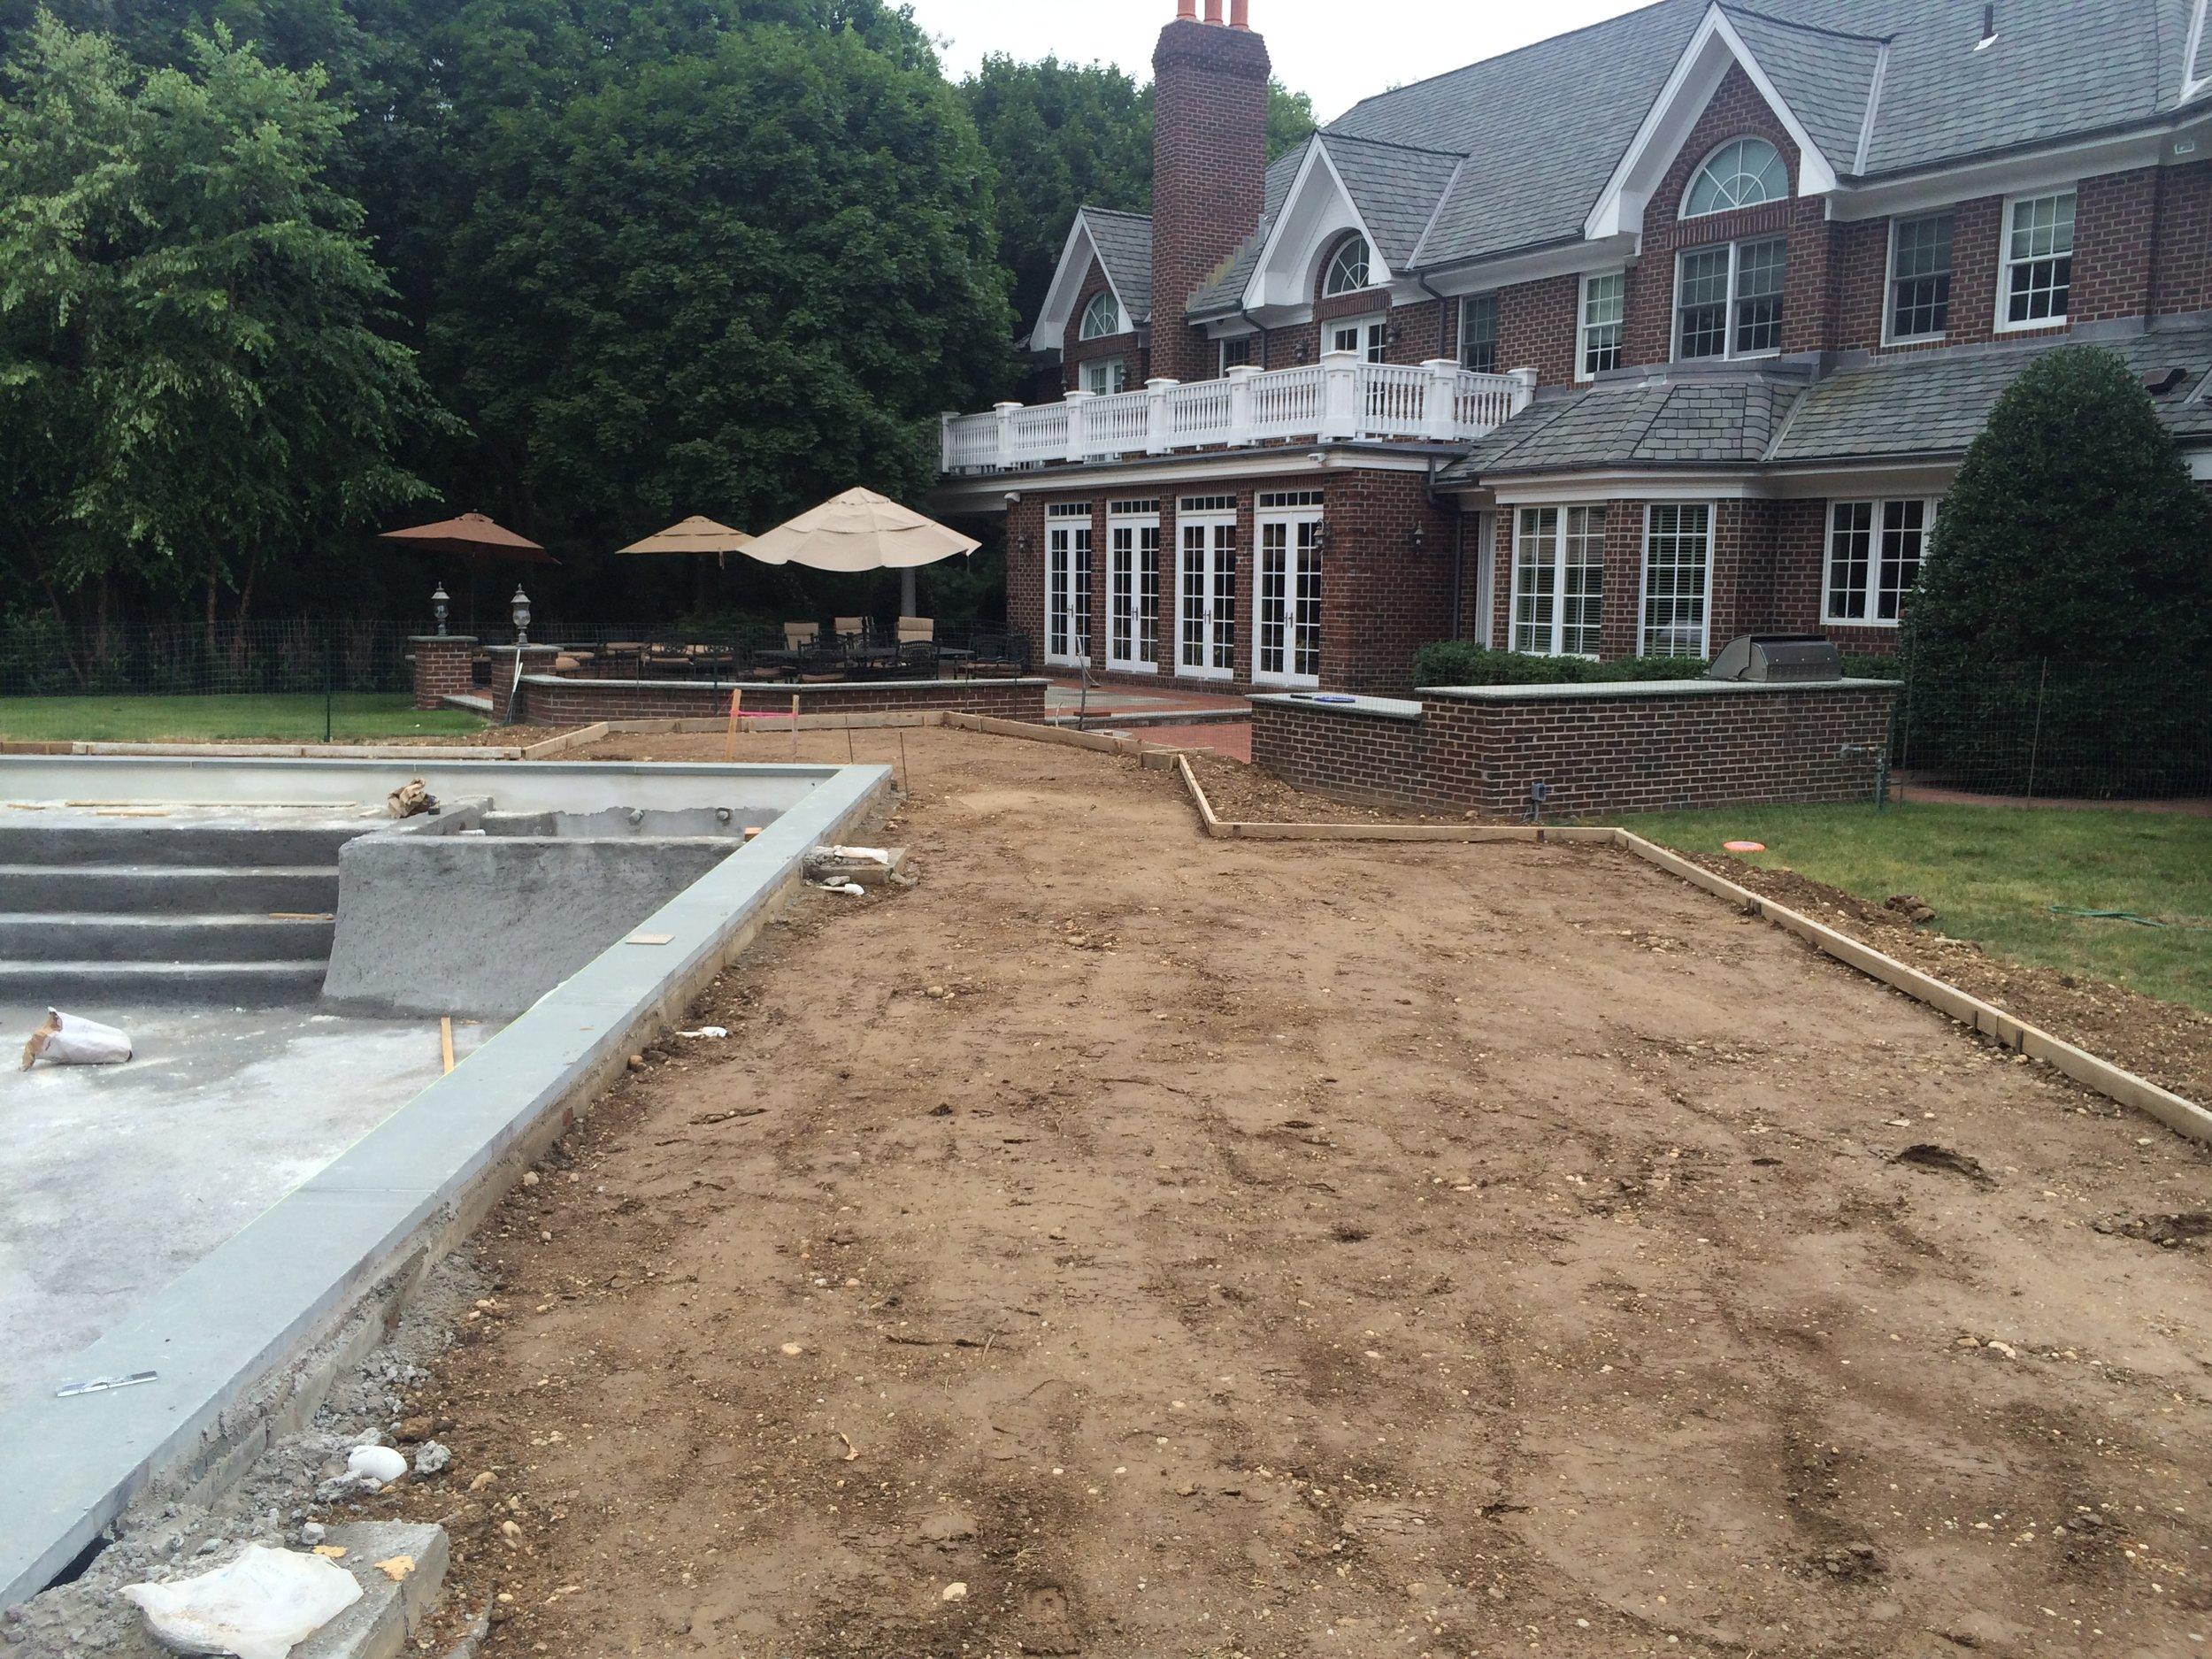 Professional brick paver company in Long Island, NY